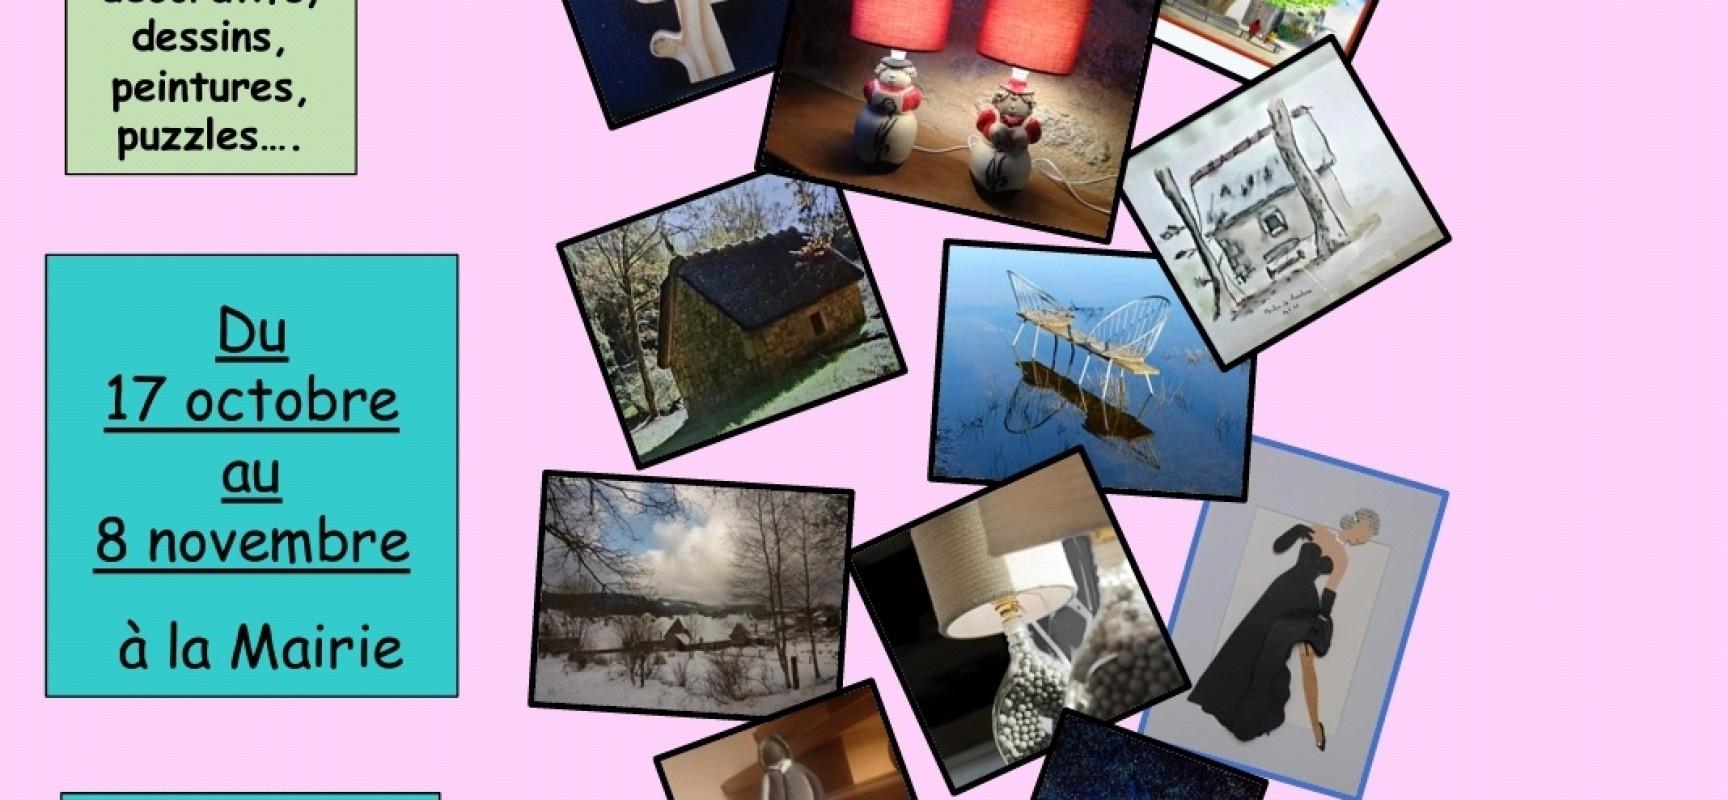 [EXPO] «Mais que se passe t-il donc derrière les murs …?» #FauxlaMontagne du 17 octobre au 8 novembre 2020